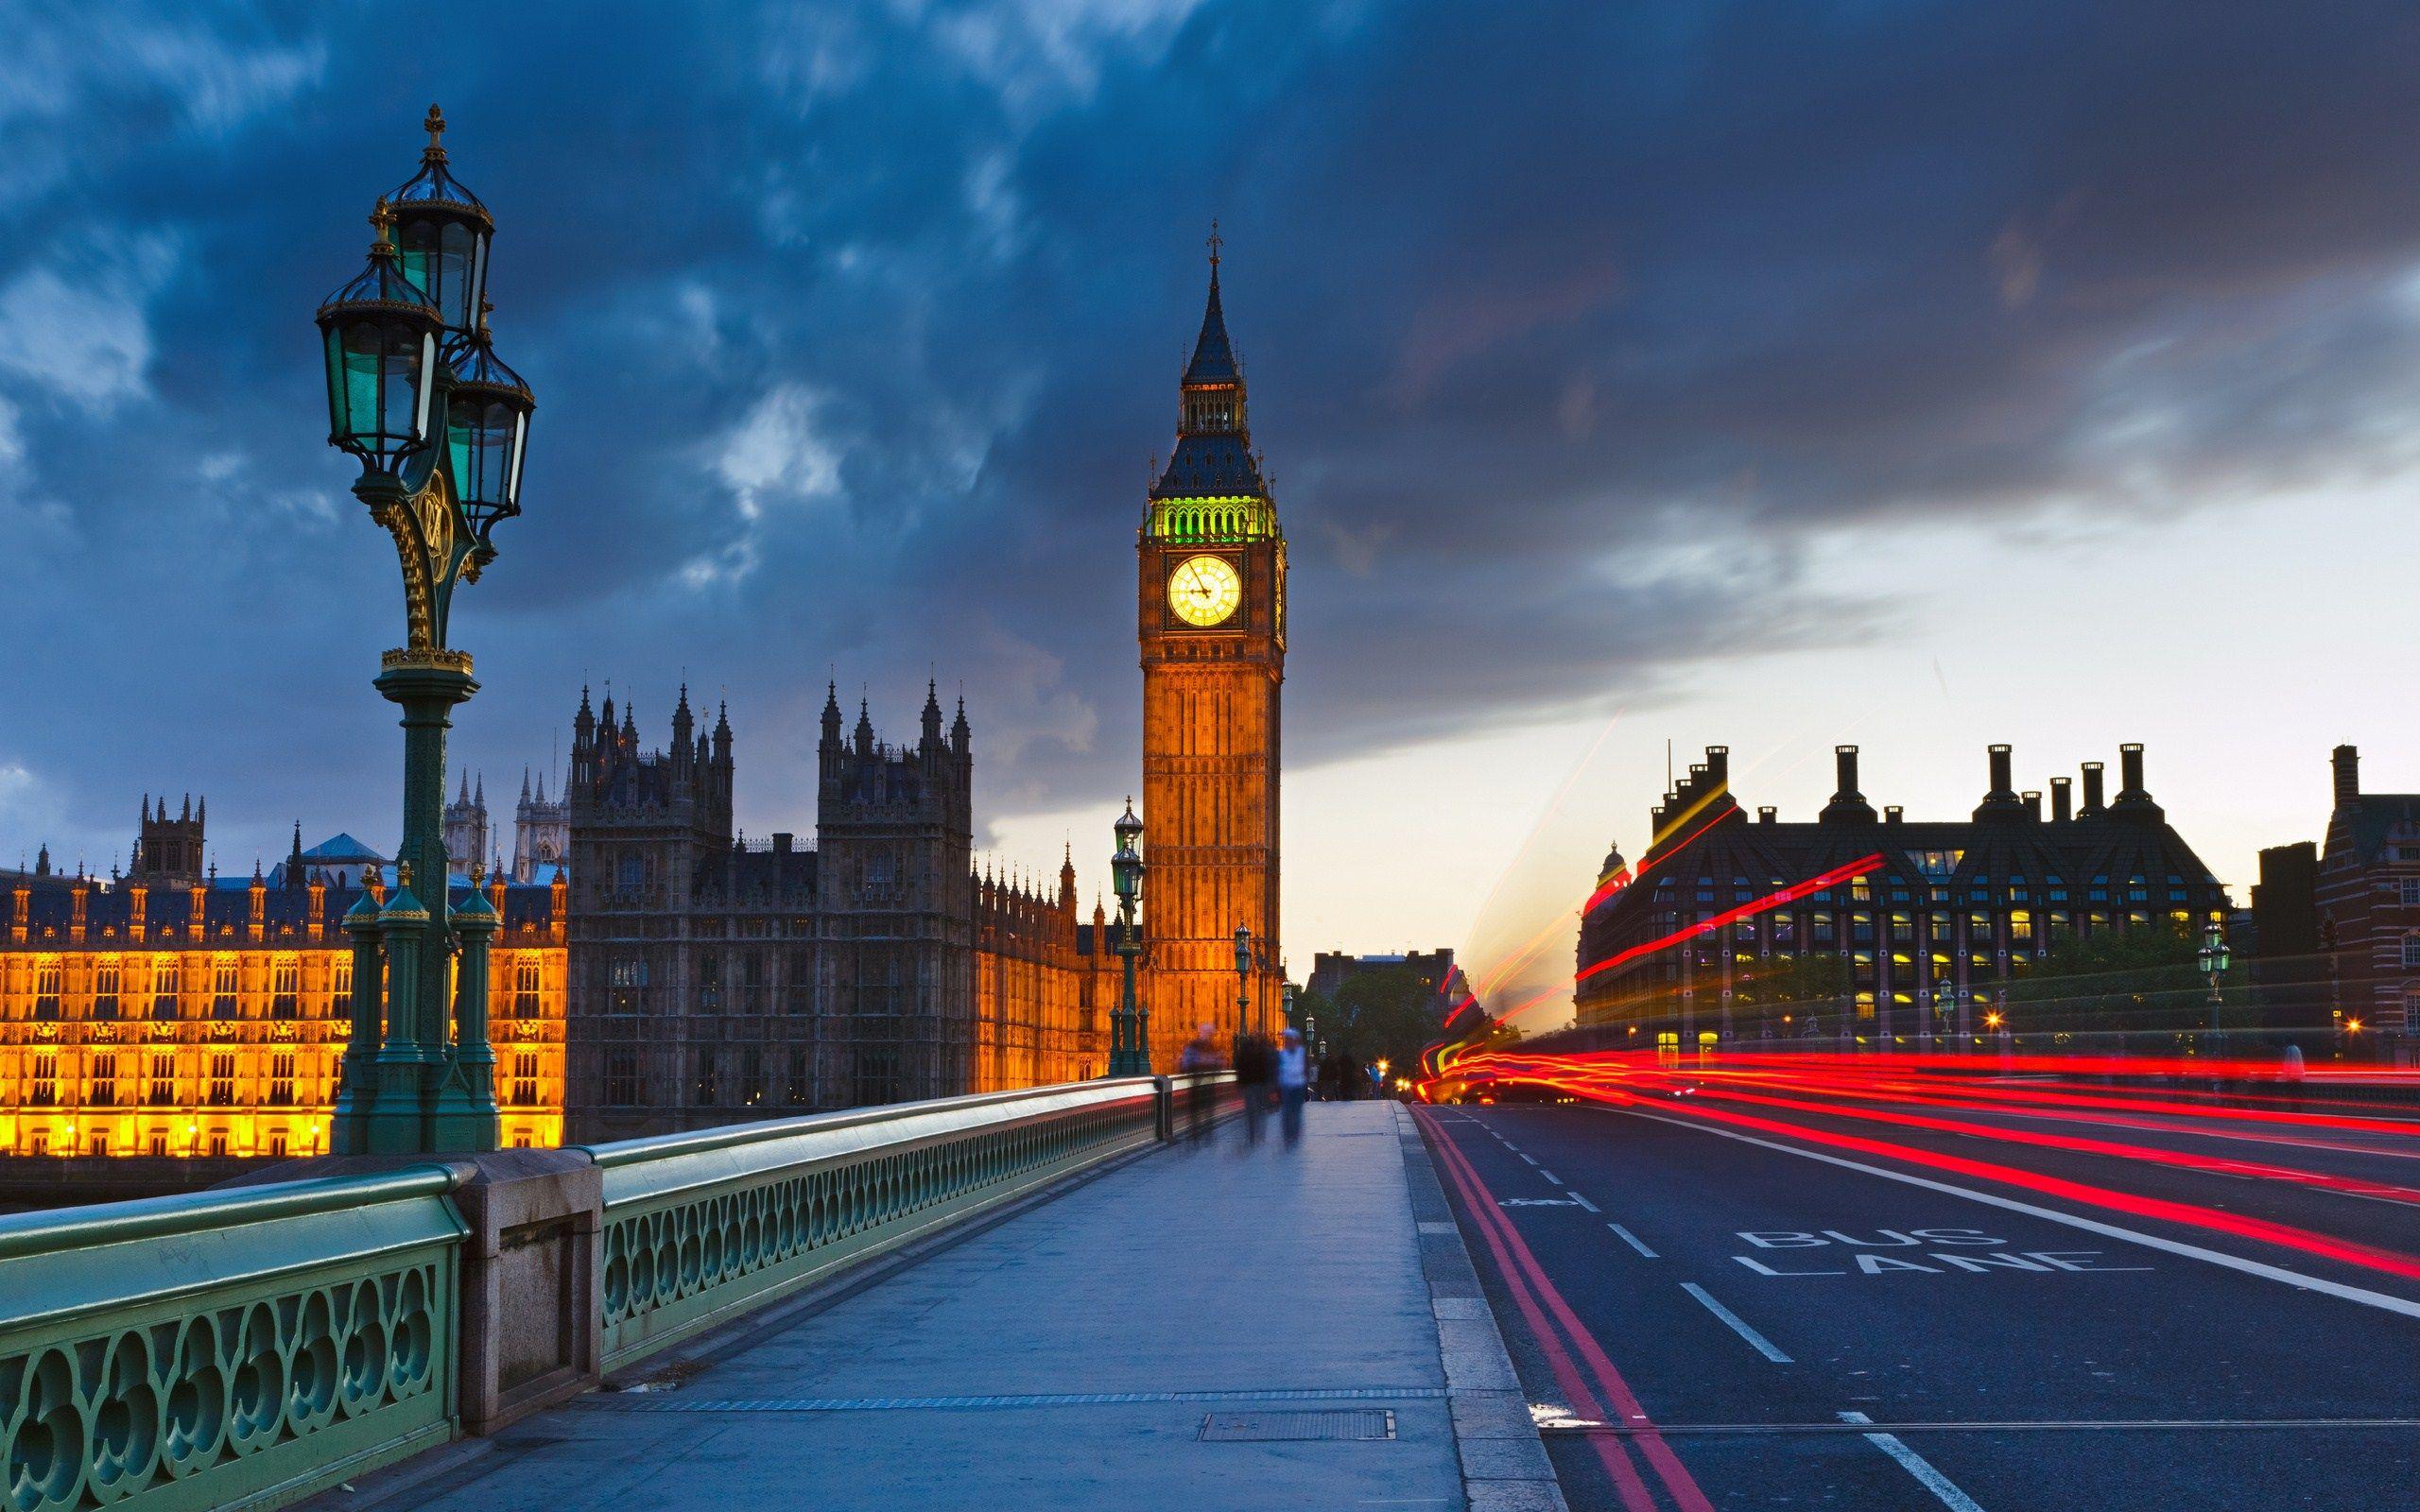 необходимо нарисовать фотографии лондона в хорошем качестве они